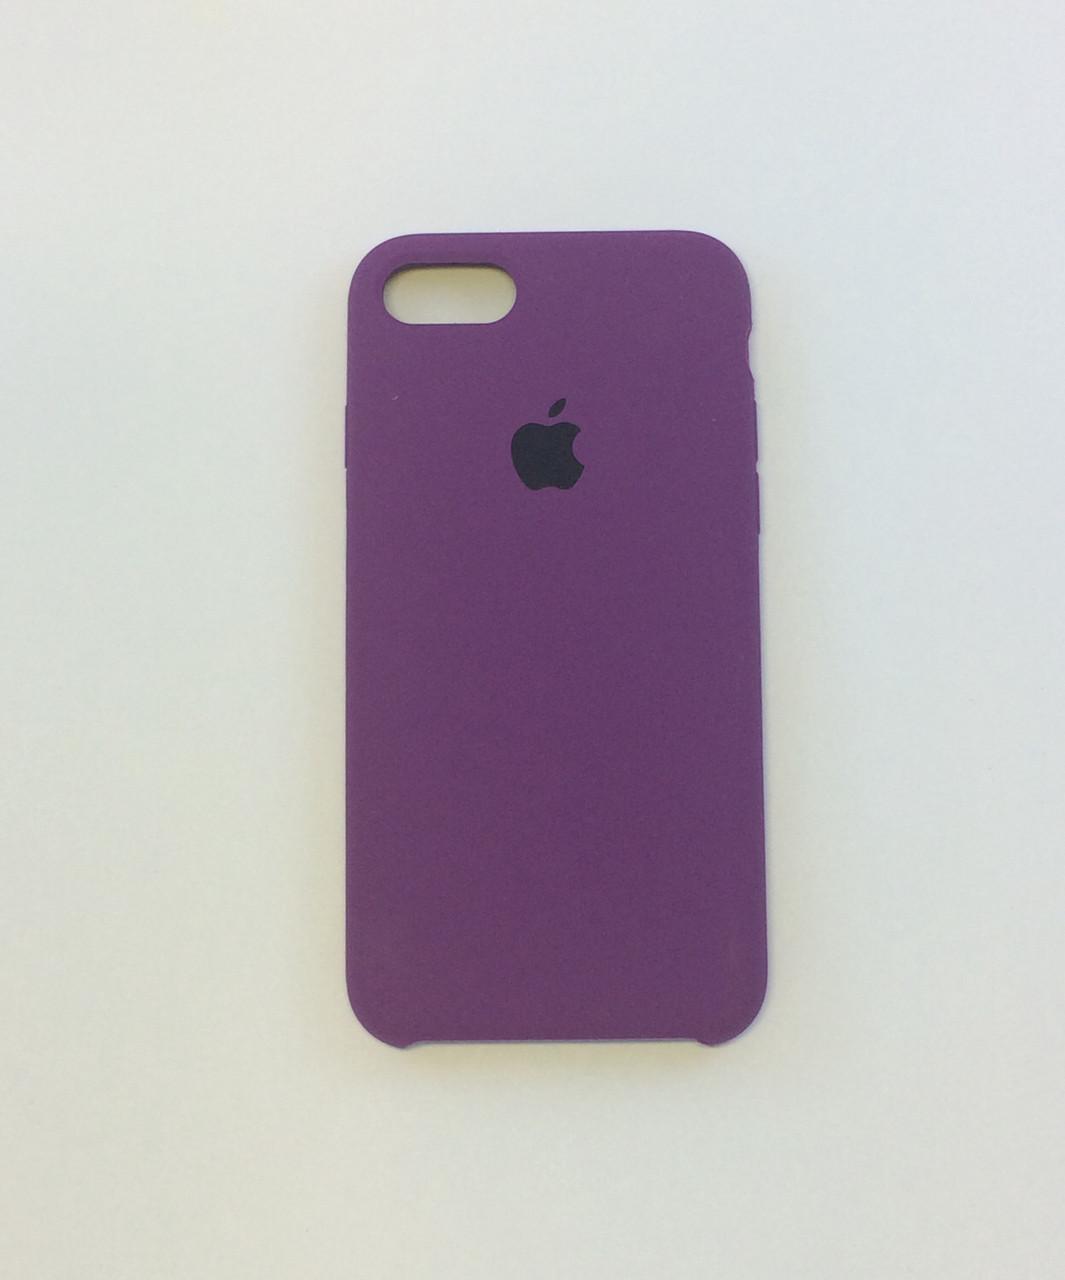 Силиконовый чехол iPhone 8 Plus, пурпурный, copy original